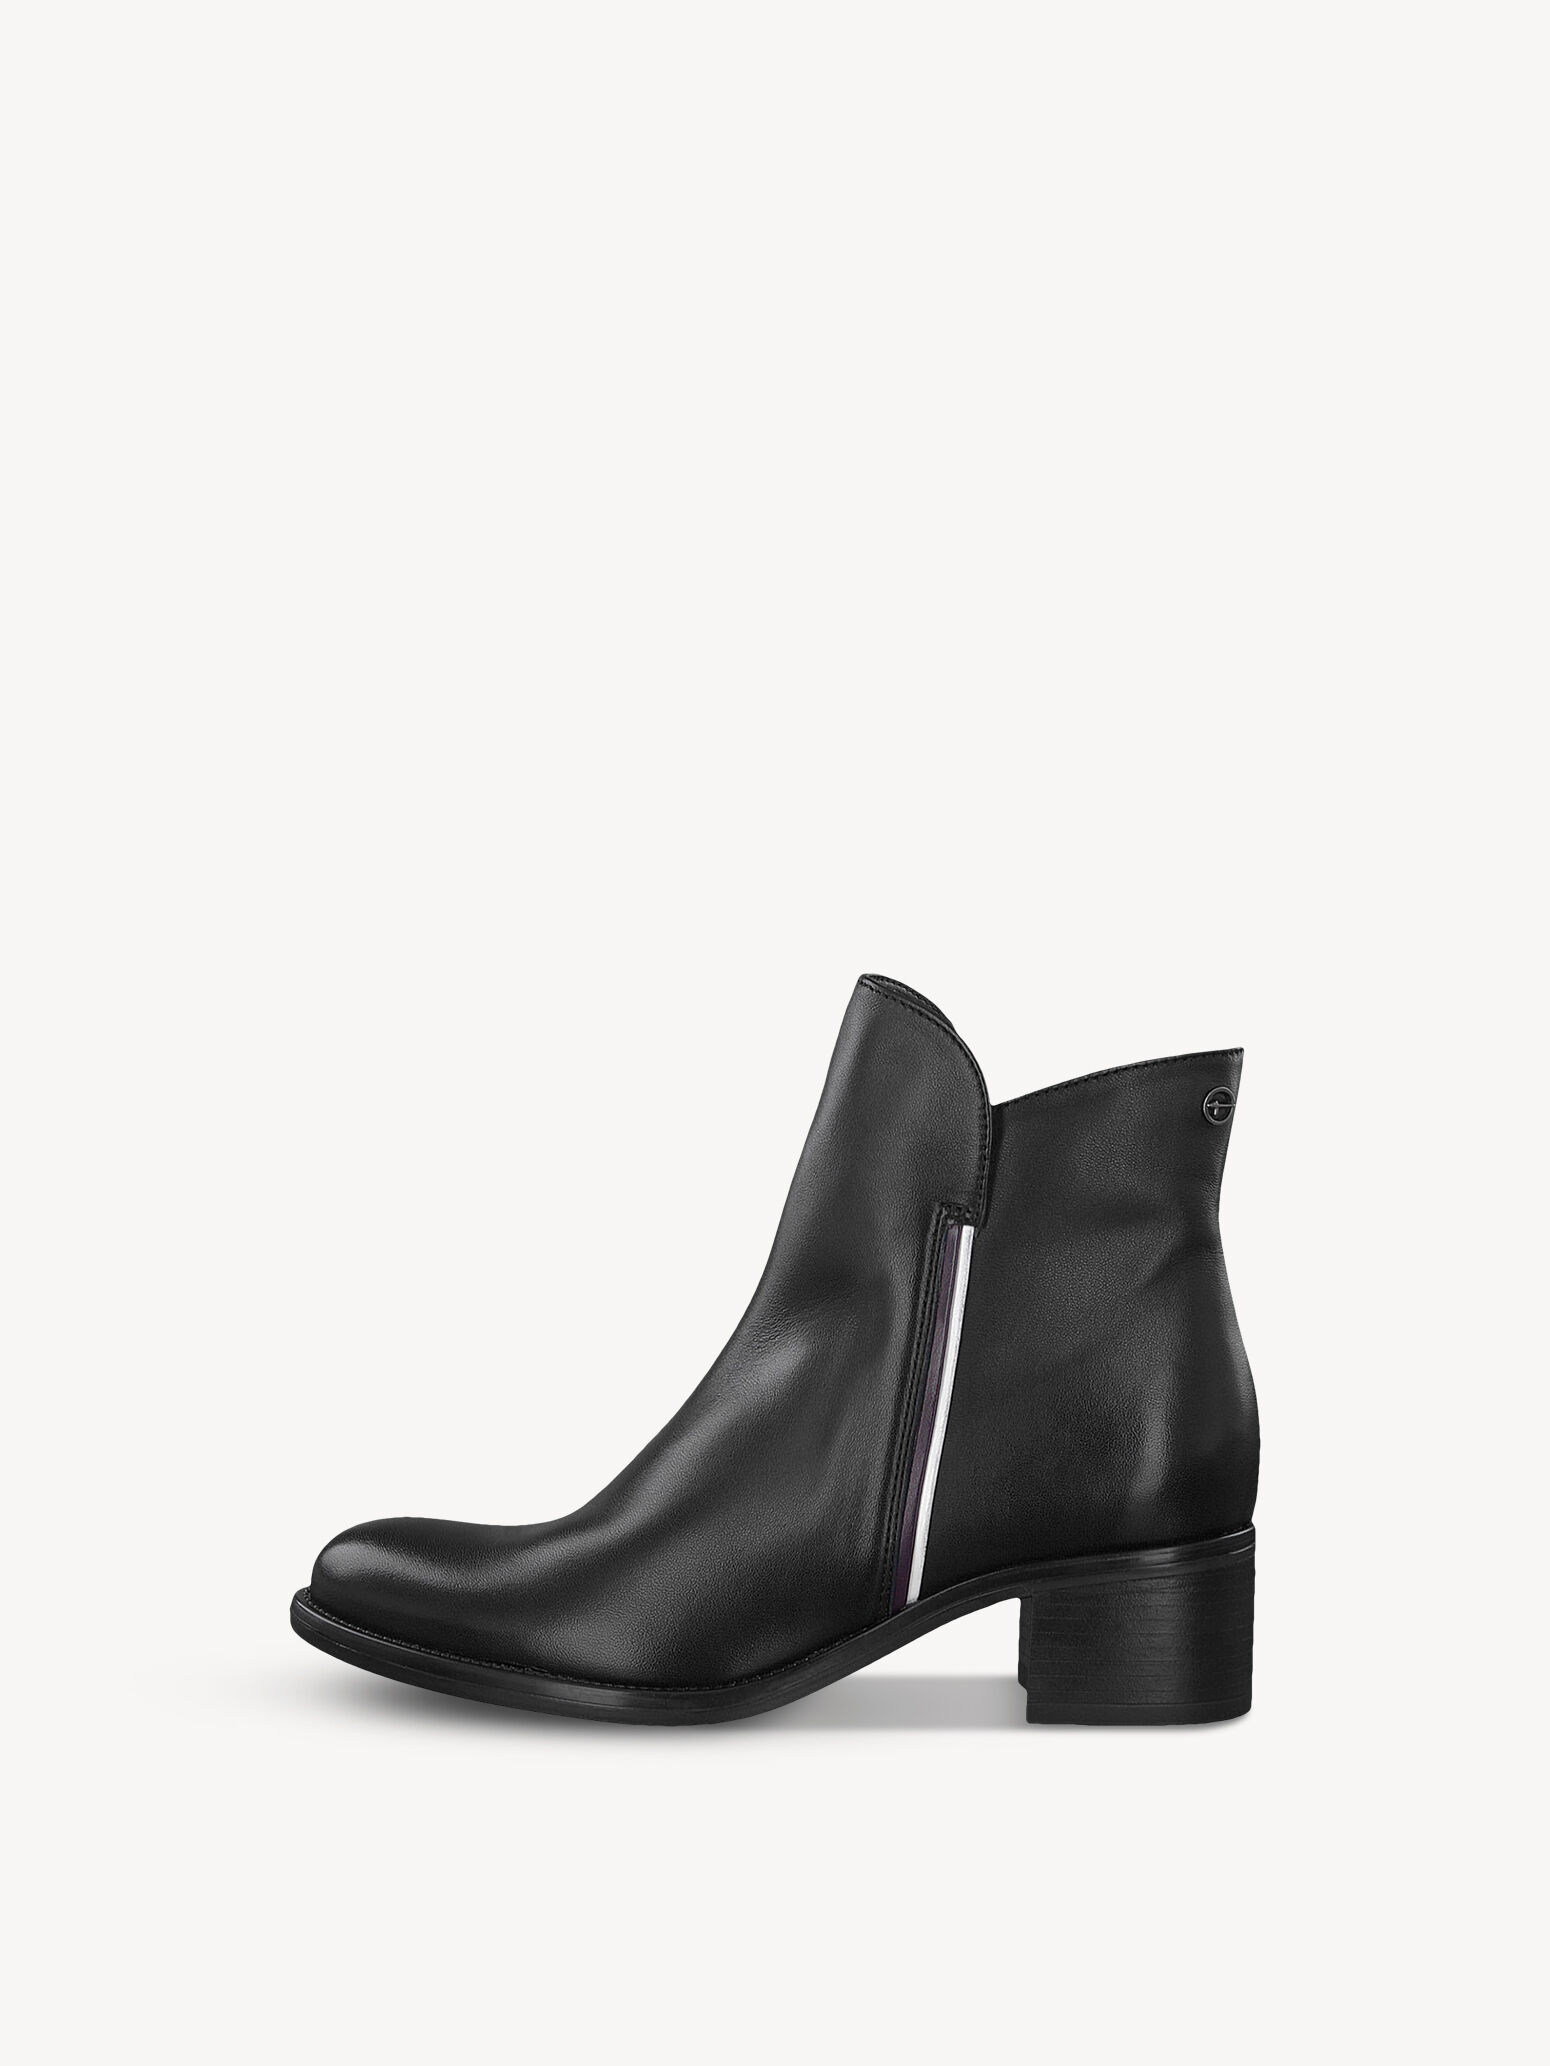 Chaussures pour femmes sur la boutique en ligne Tamaris